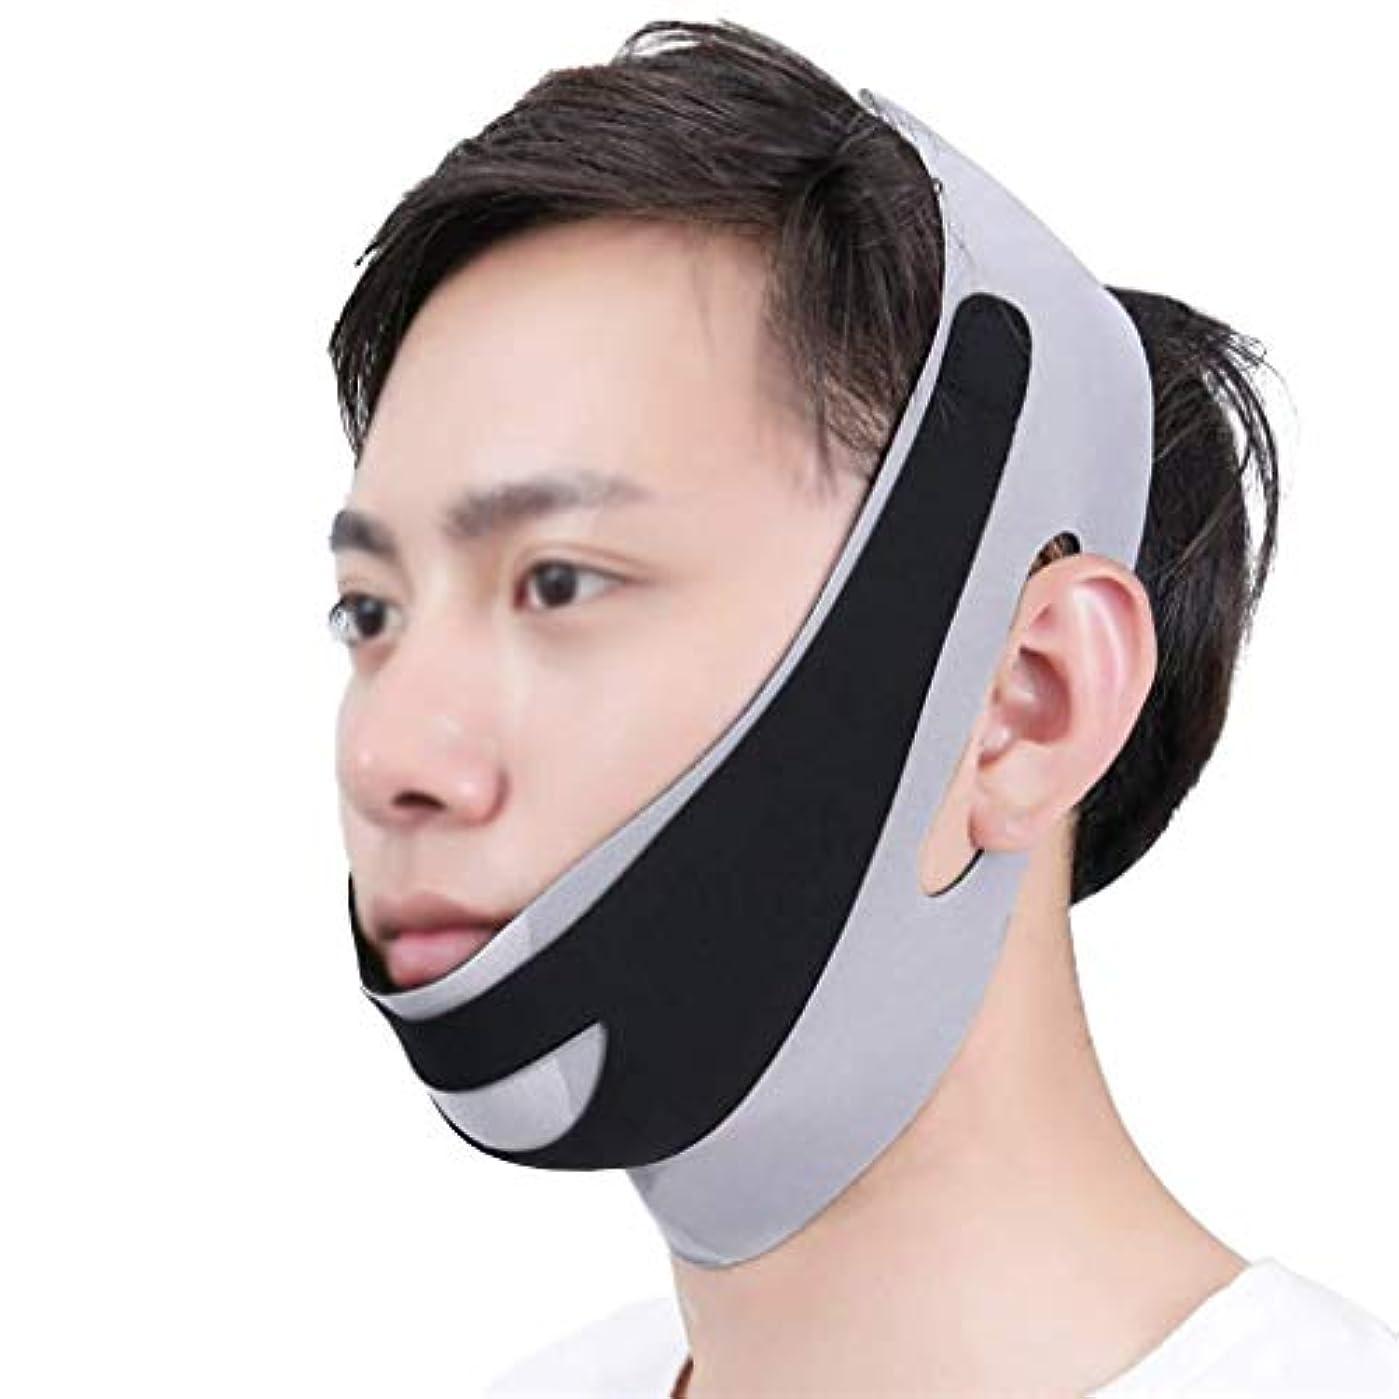 たくさん人柄動物フェイスアンドネックリフト術後弾性フェイスマスク小さなV顔アーティファクト薄い顔包帯アーティファクトV顔ぶら下げ耳リフティング引き締め男性の顔アーティファクト